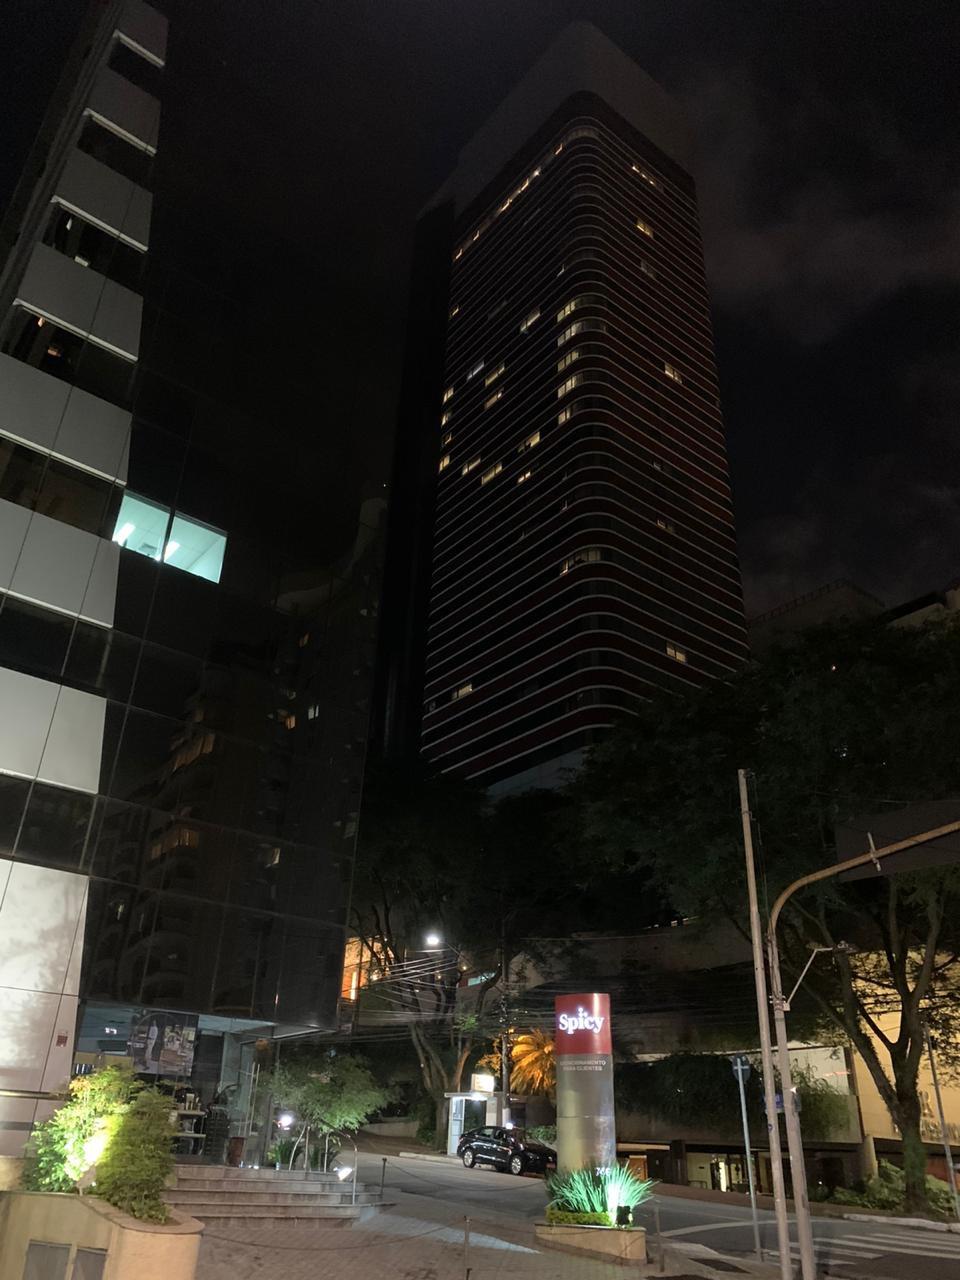 Renaissance Sao Paulo Hotel (Brasil)